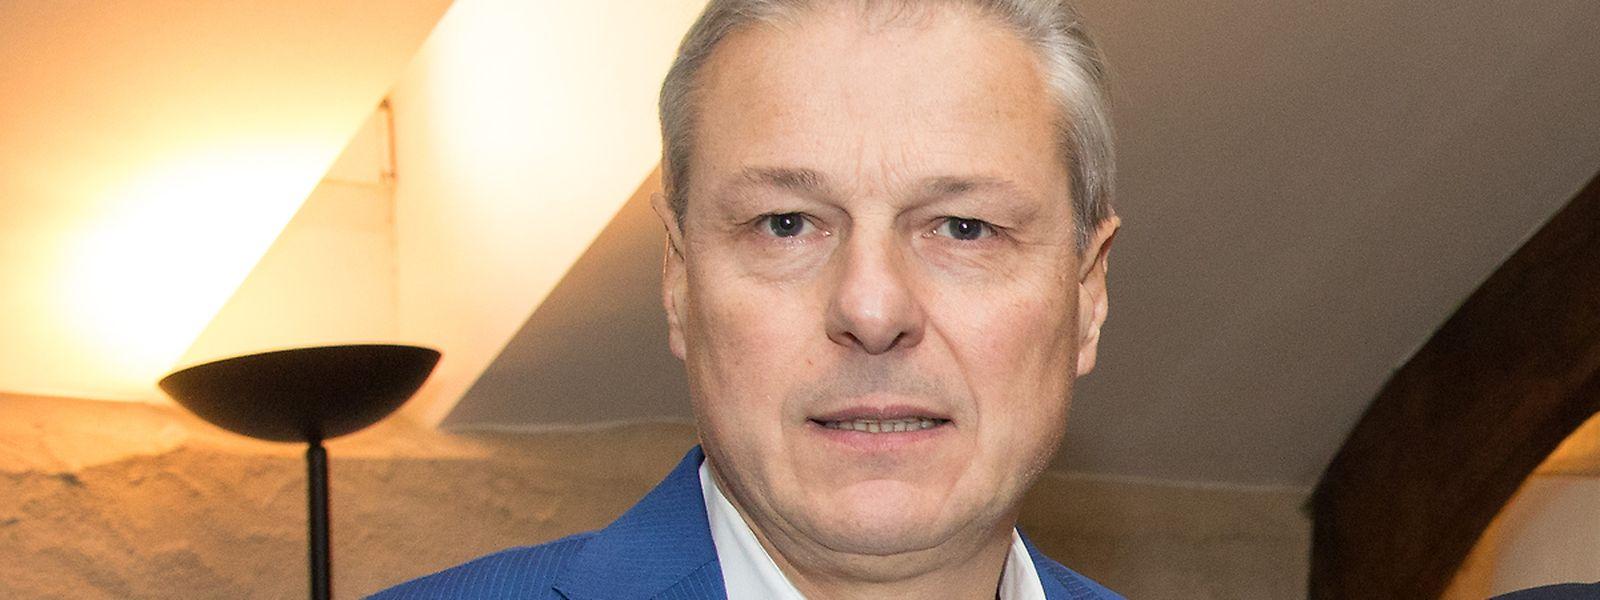 Laurent Jossart, dirigeant de G4S, et les syndicats seront parvenus à un terrain d'accord in extremis.